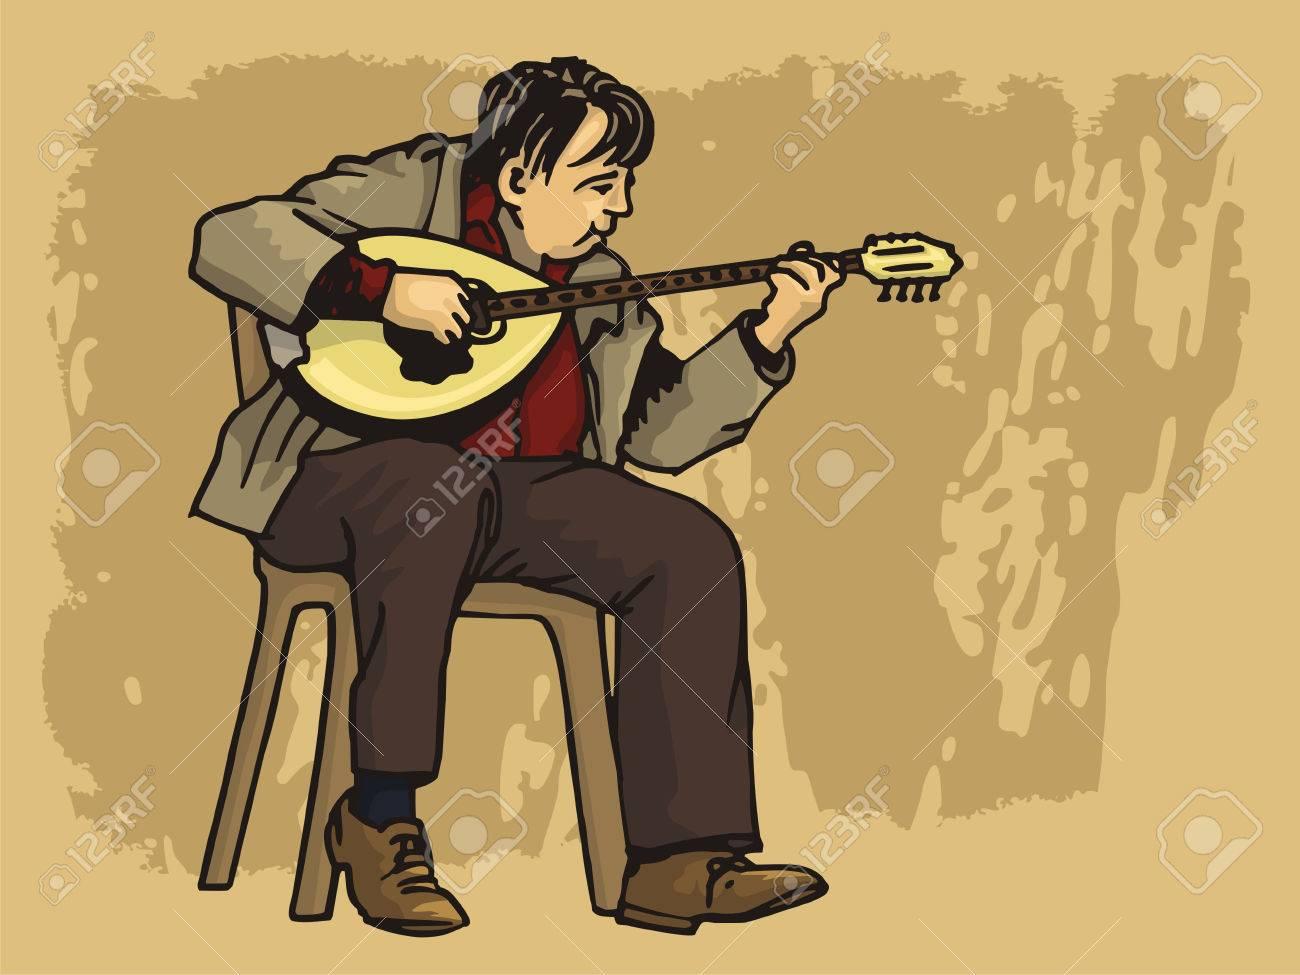 Middle aged man playing bouzouki on grunge background - 2985986